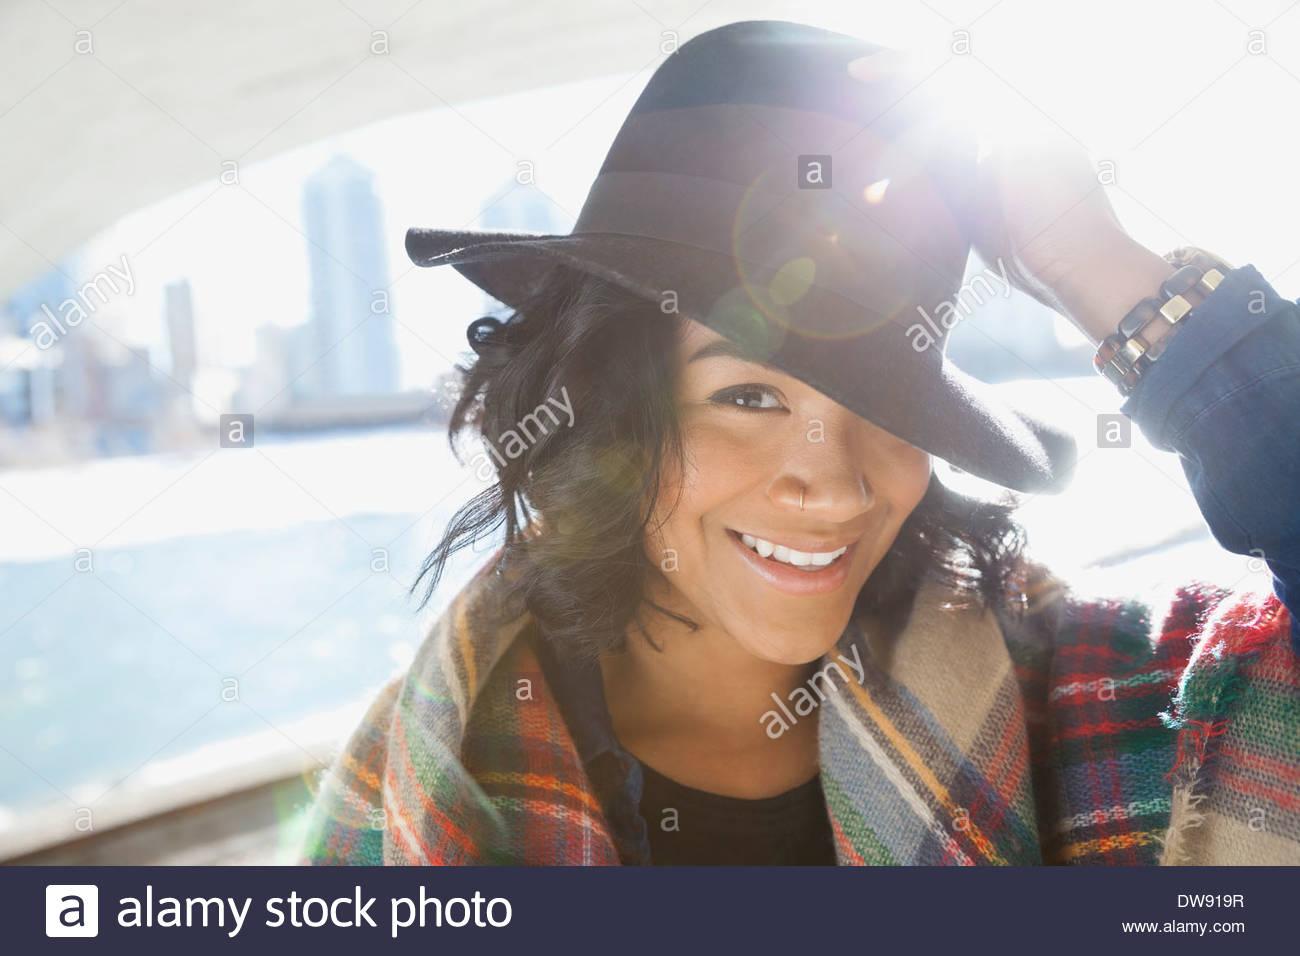 Ritratto di donna sorridente con hat Immagini Stock